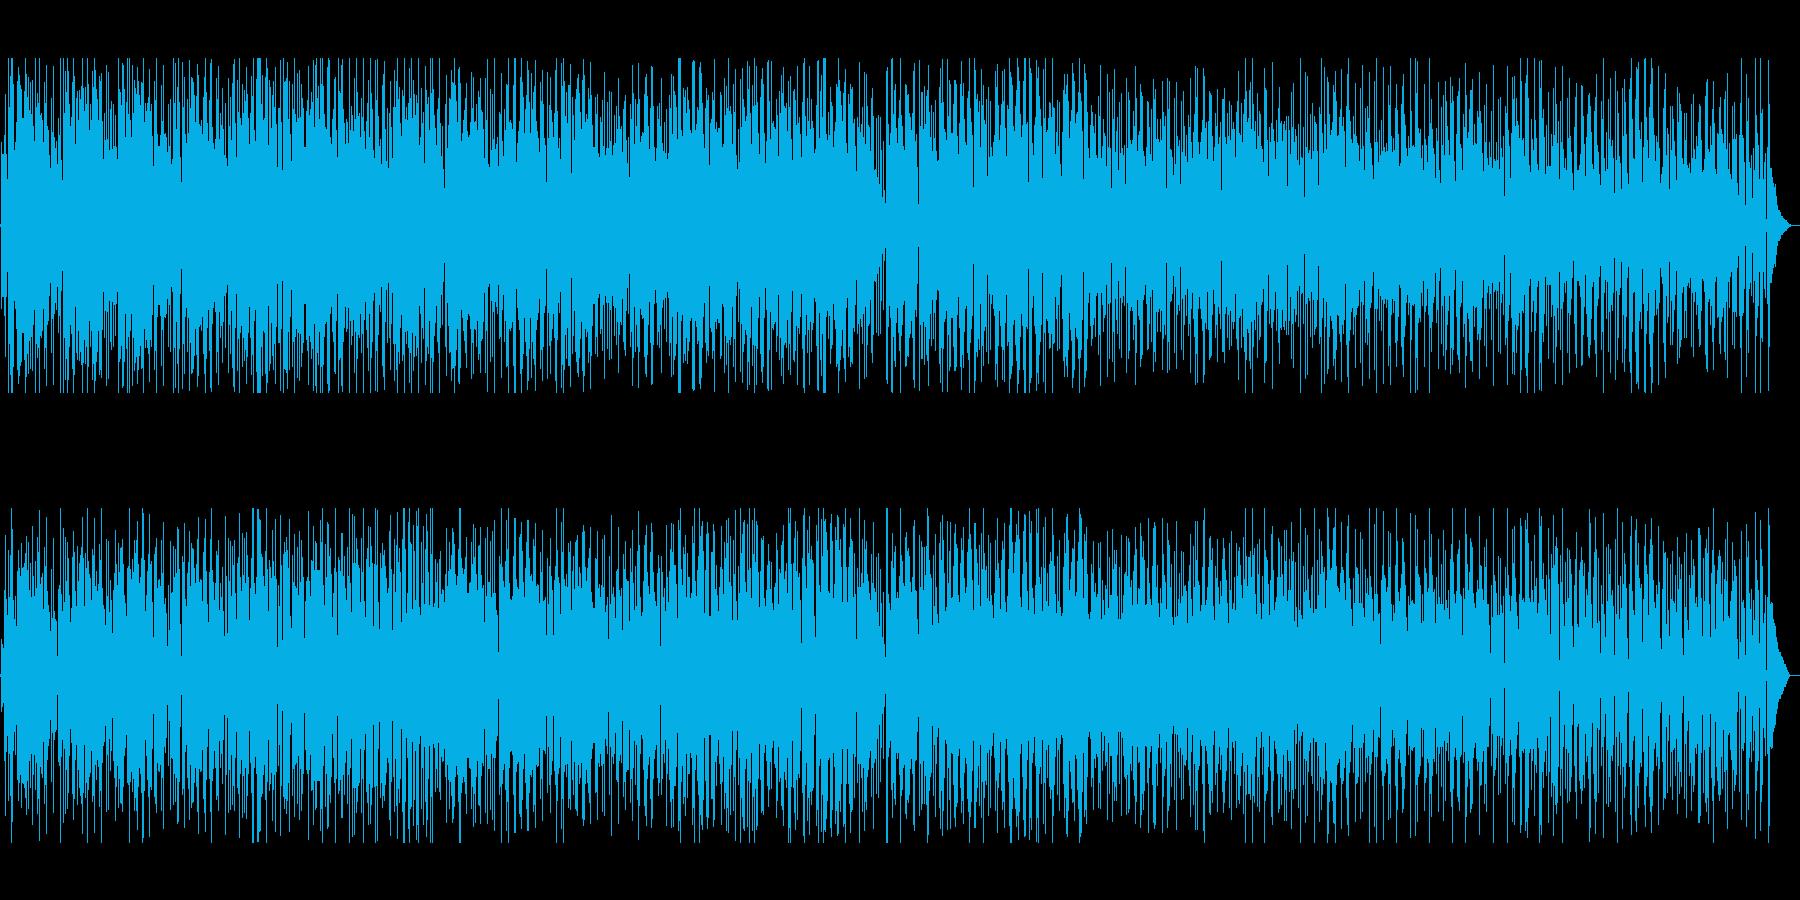 心がほっこりする、ボサノバ曲の再生済みの波形